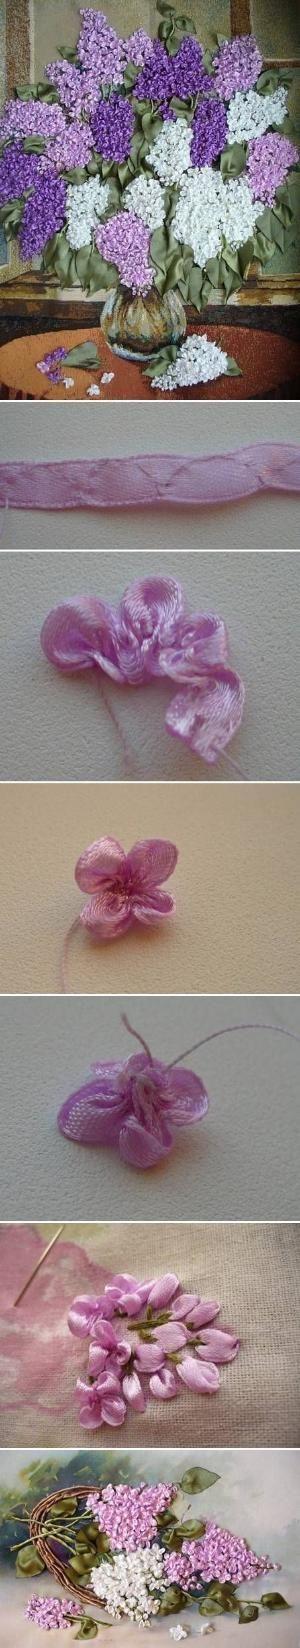 DIY Fabric Lilac Flowers by tamara